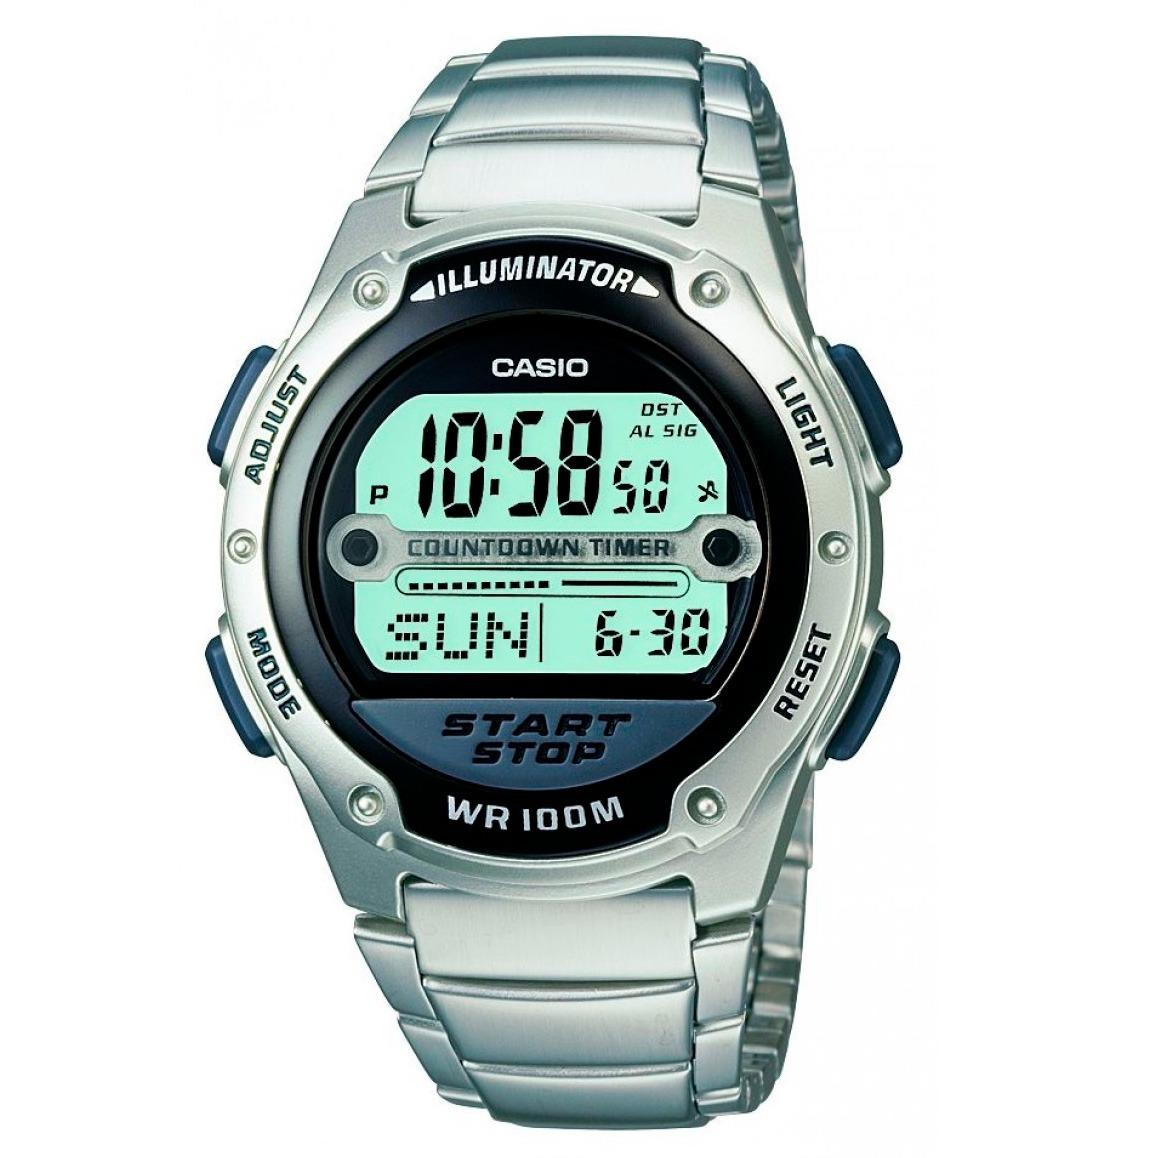 dad022f6d1a relógio casio digital masculino w756d temporizador original. Carregando zoom .